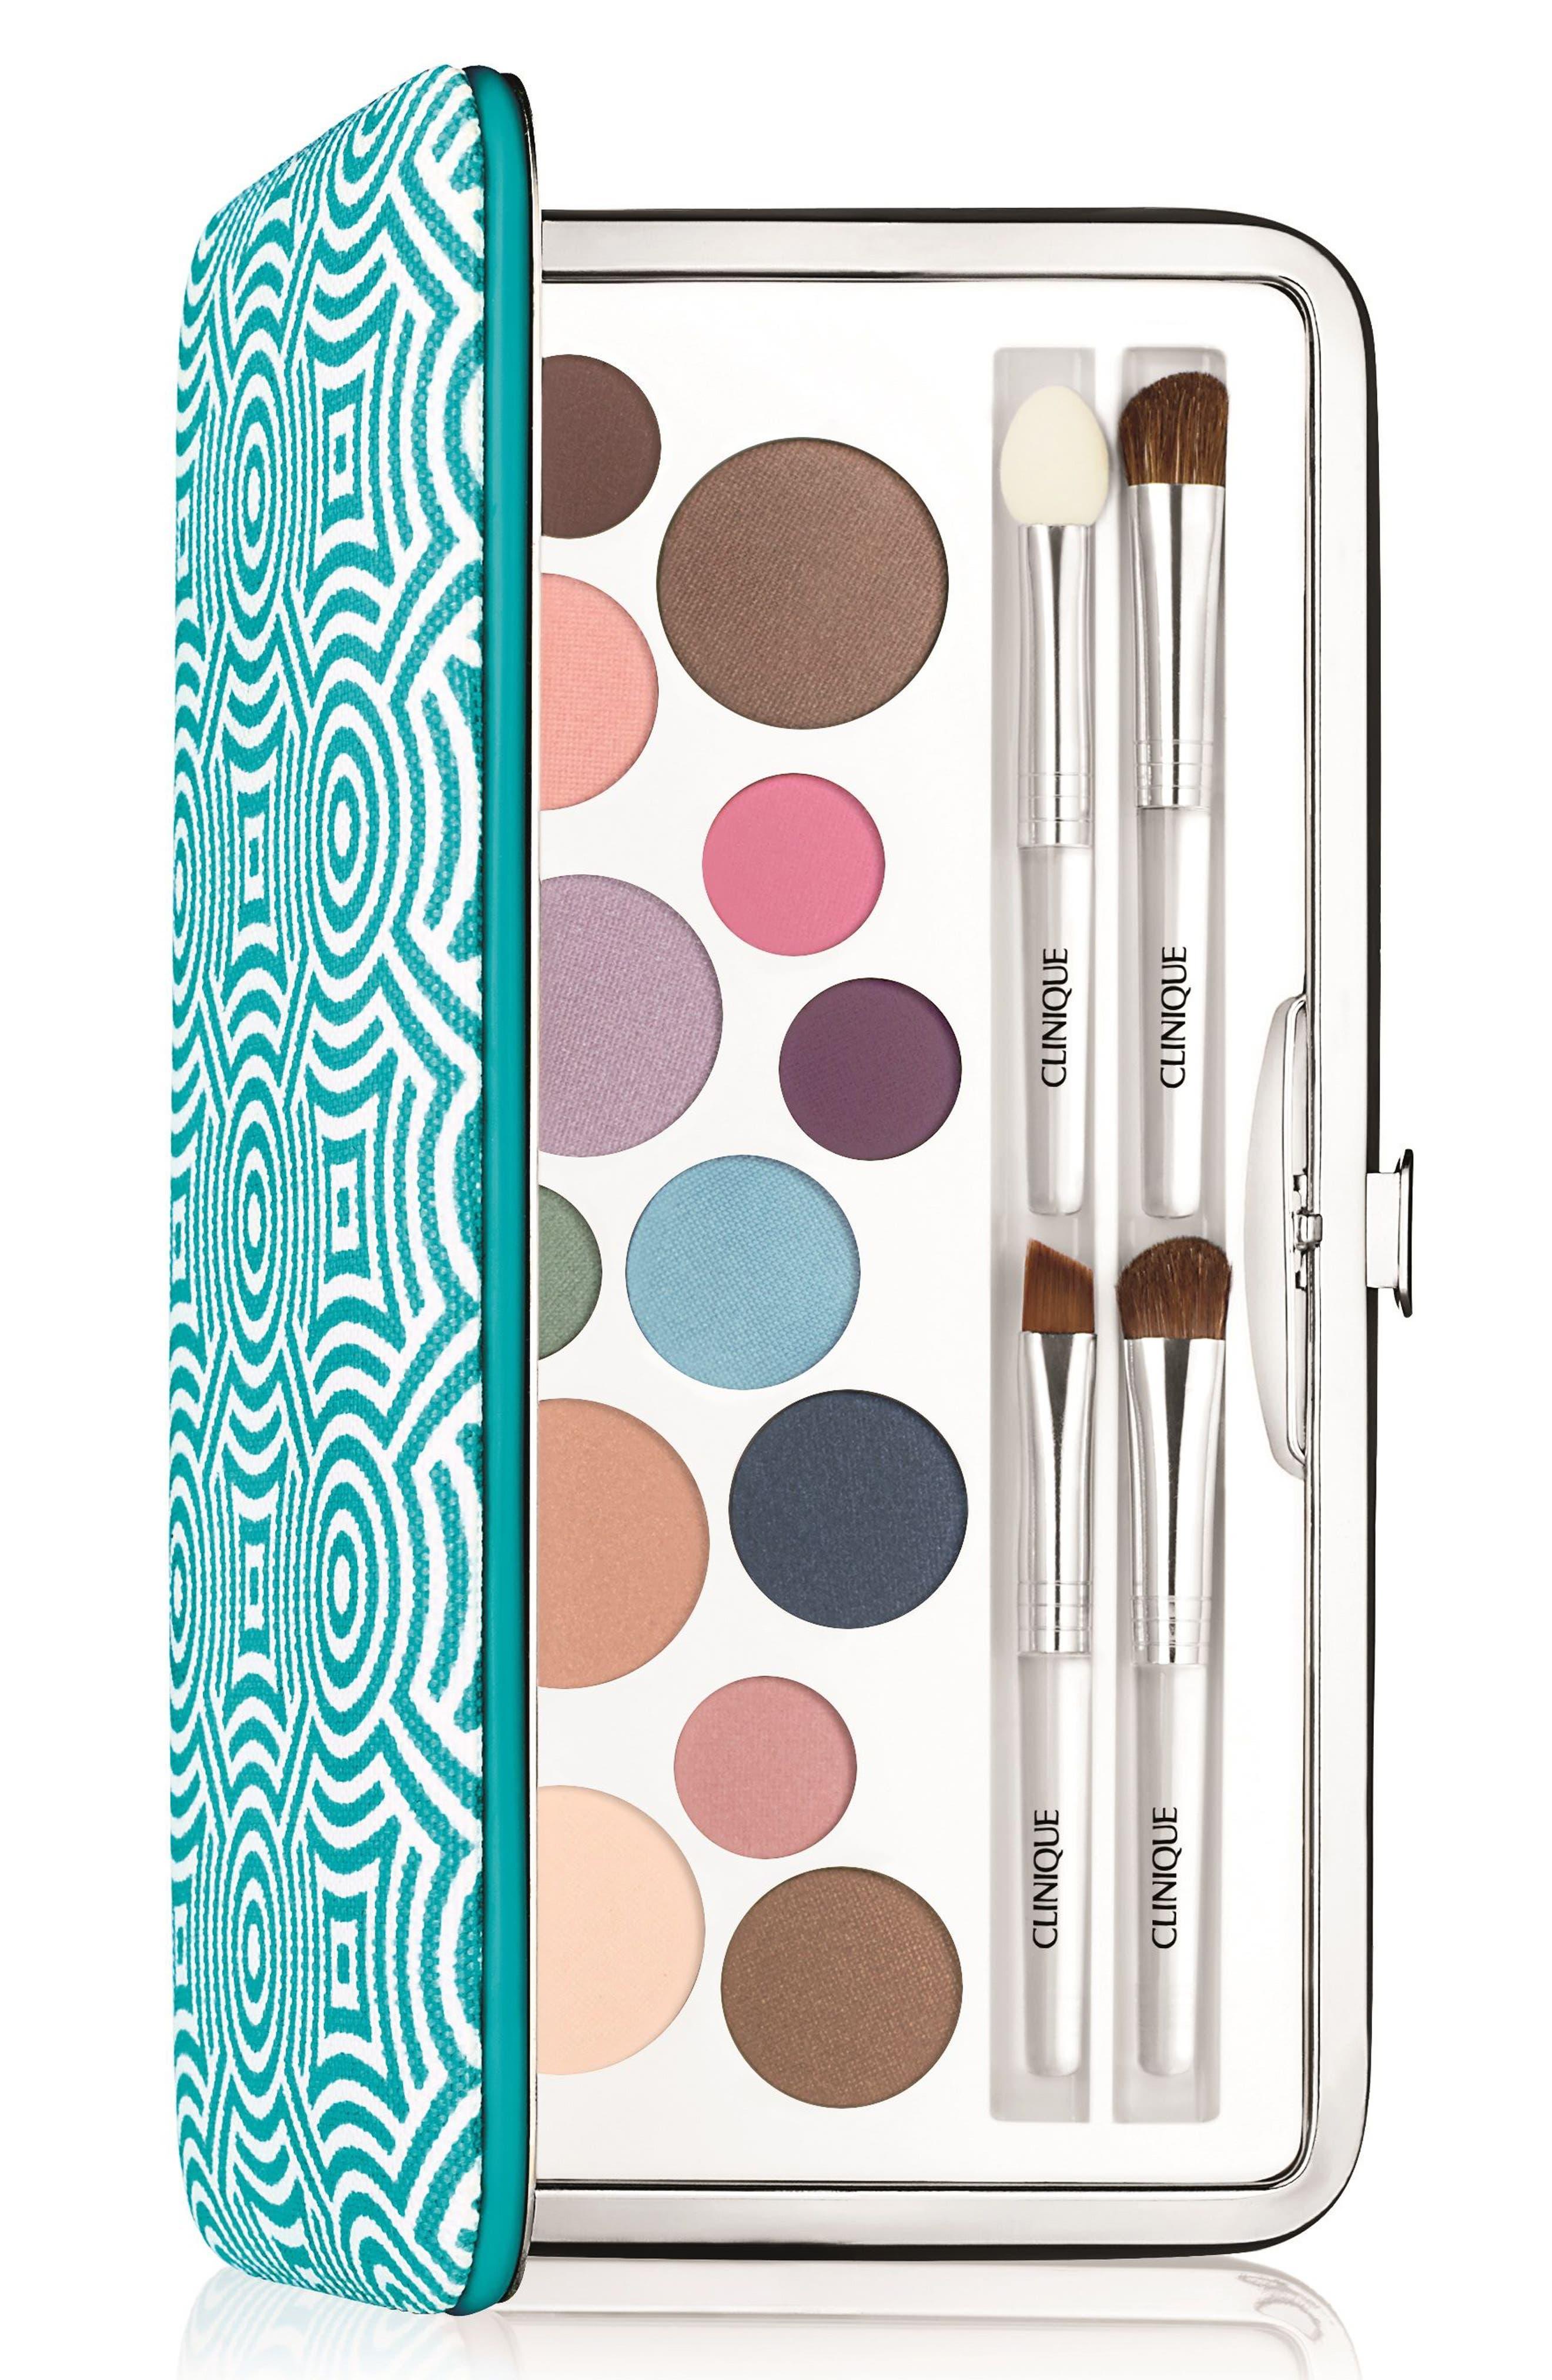 Clinique Jonathan Adler Chic Color Kit ($89 Value)